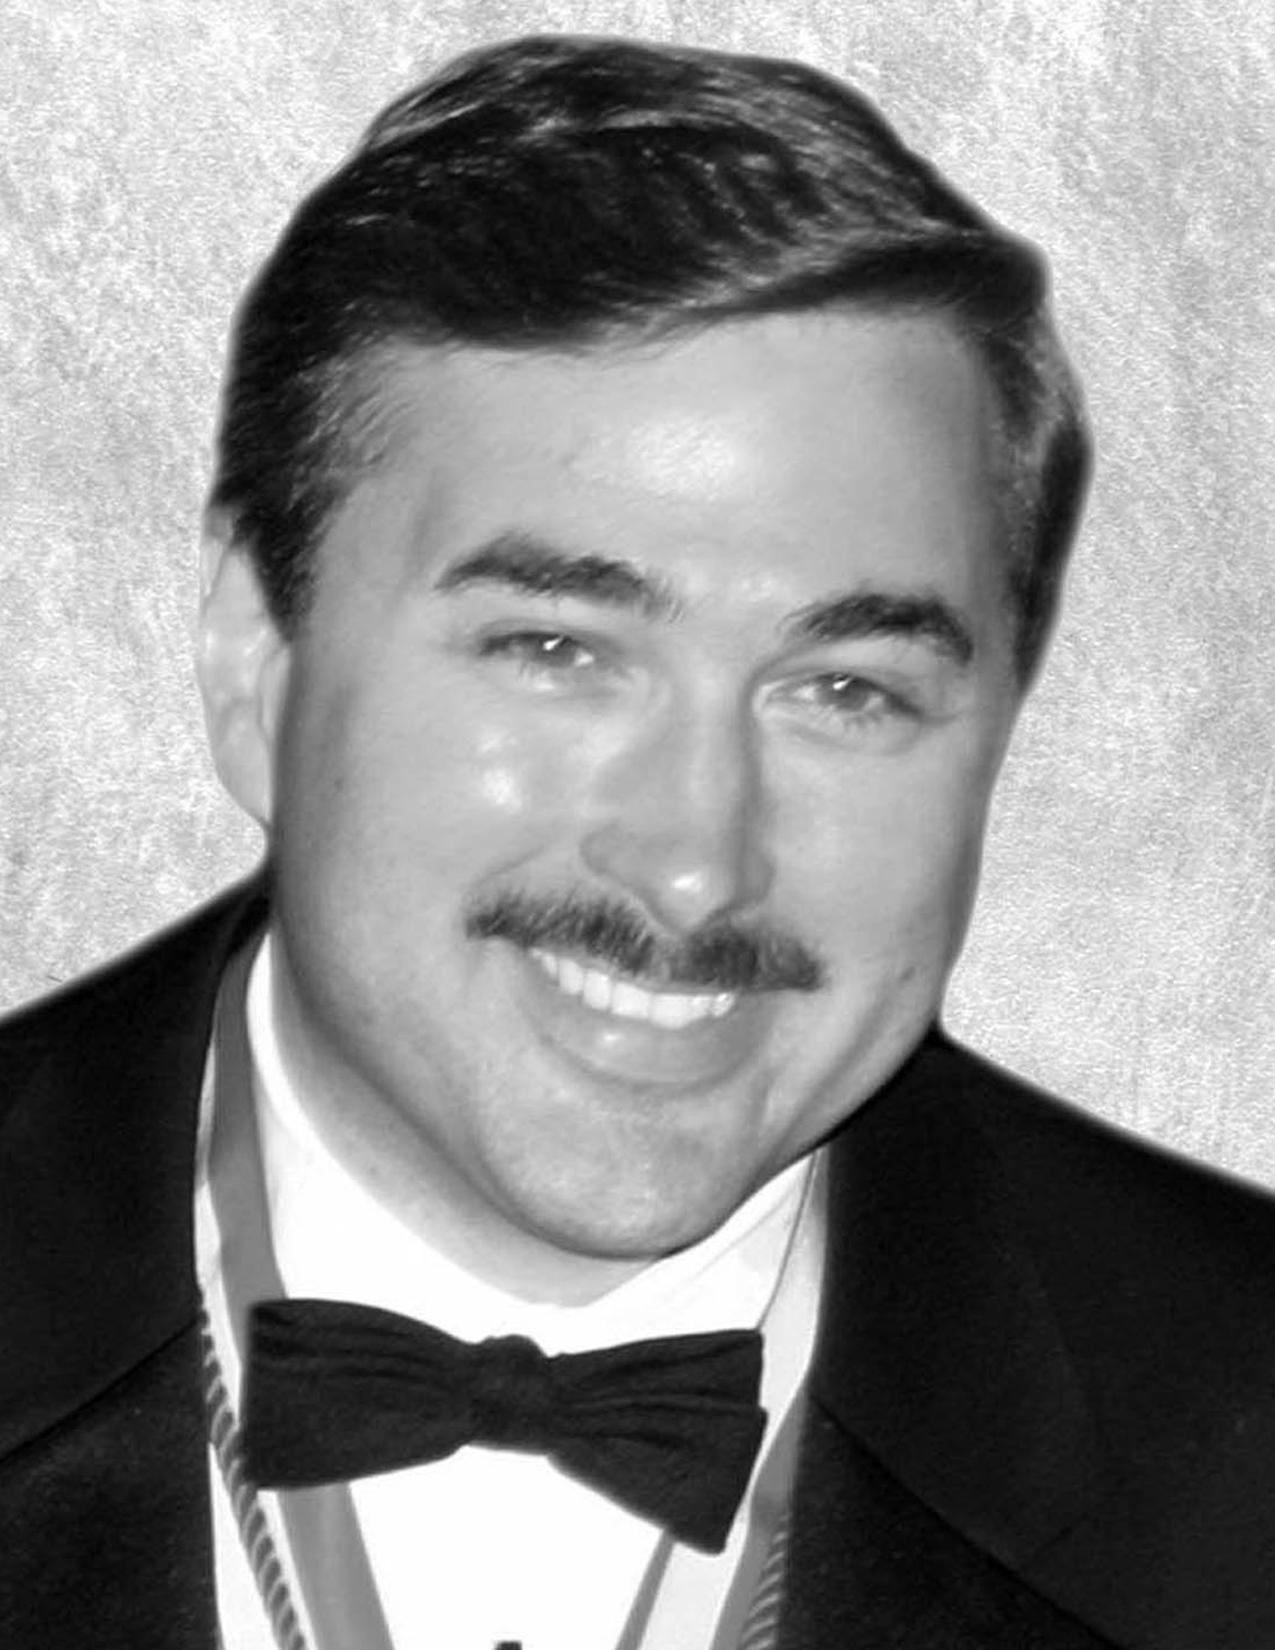 Mark A. Fite CFC